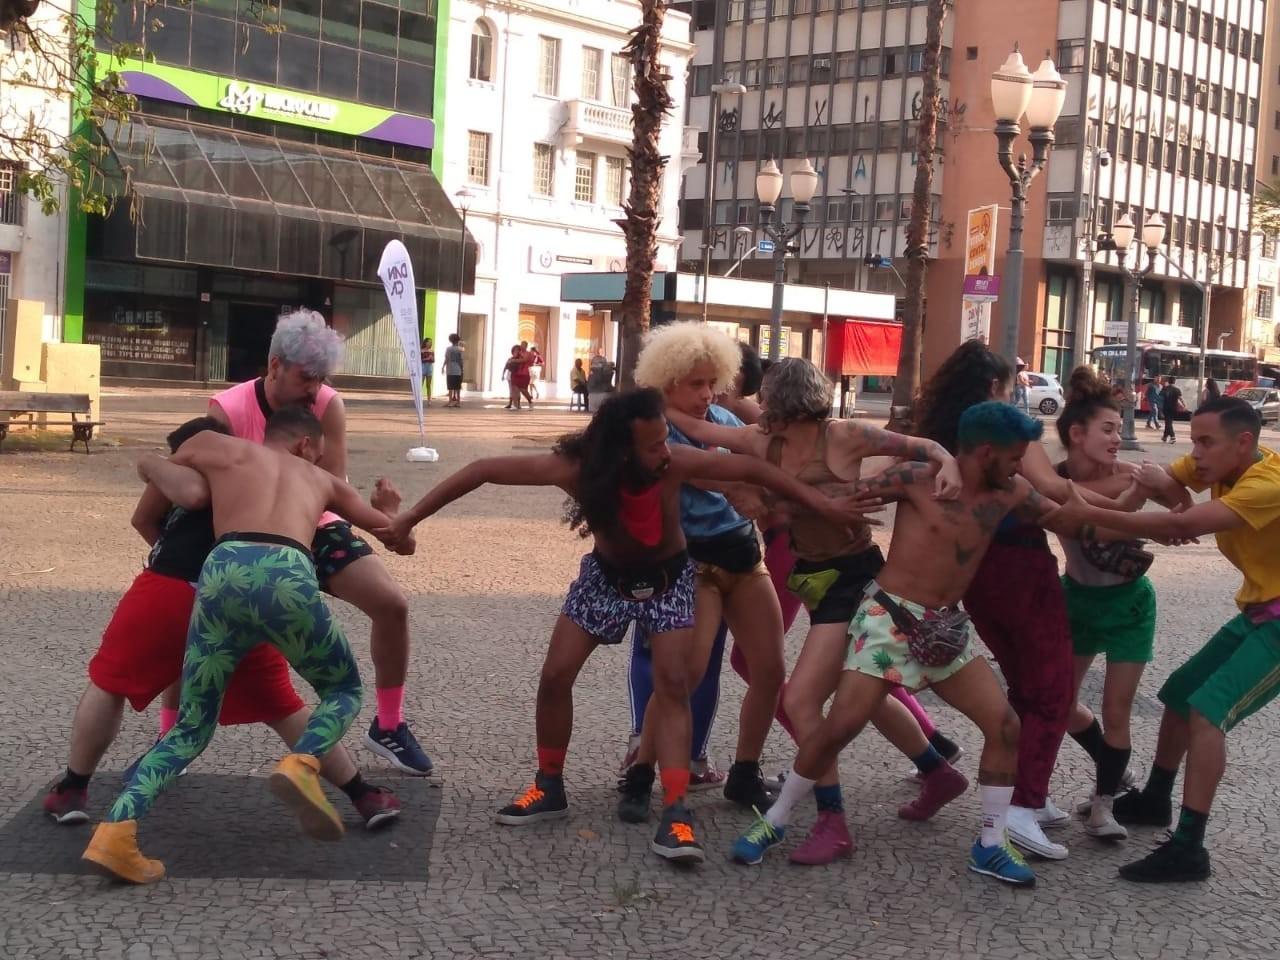 Dançarinos fazem 'arrastão' no centro de Campinas e ação de protesto contra violência e discriminação mexe com público - Notícias - Plantão Diário